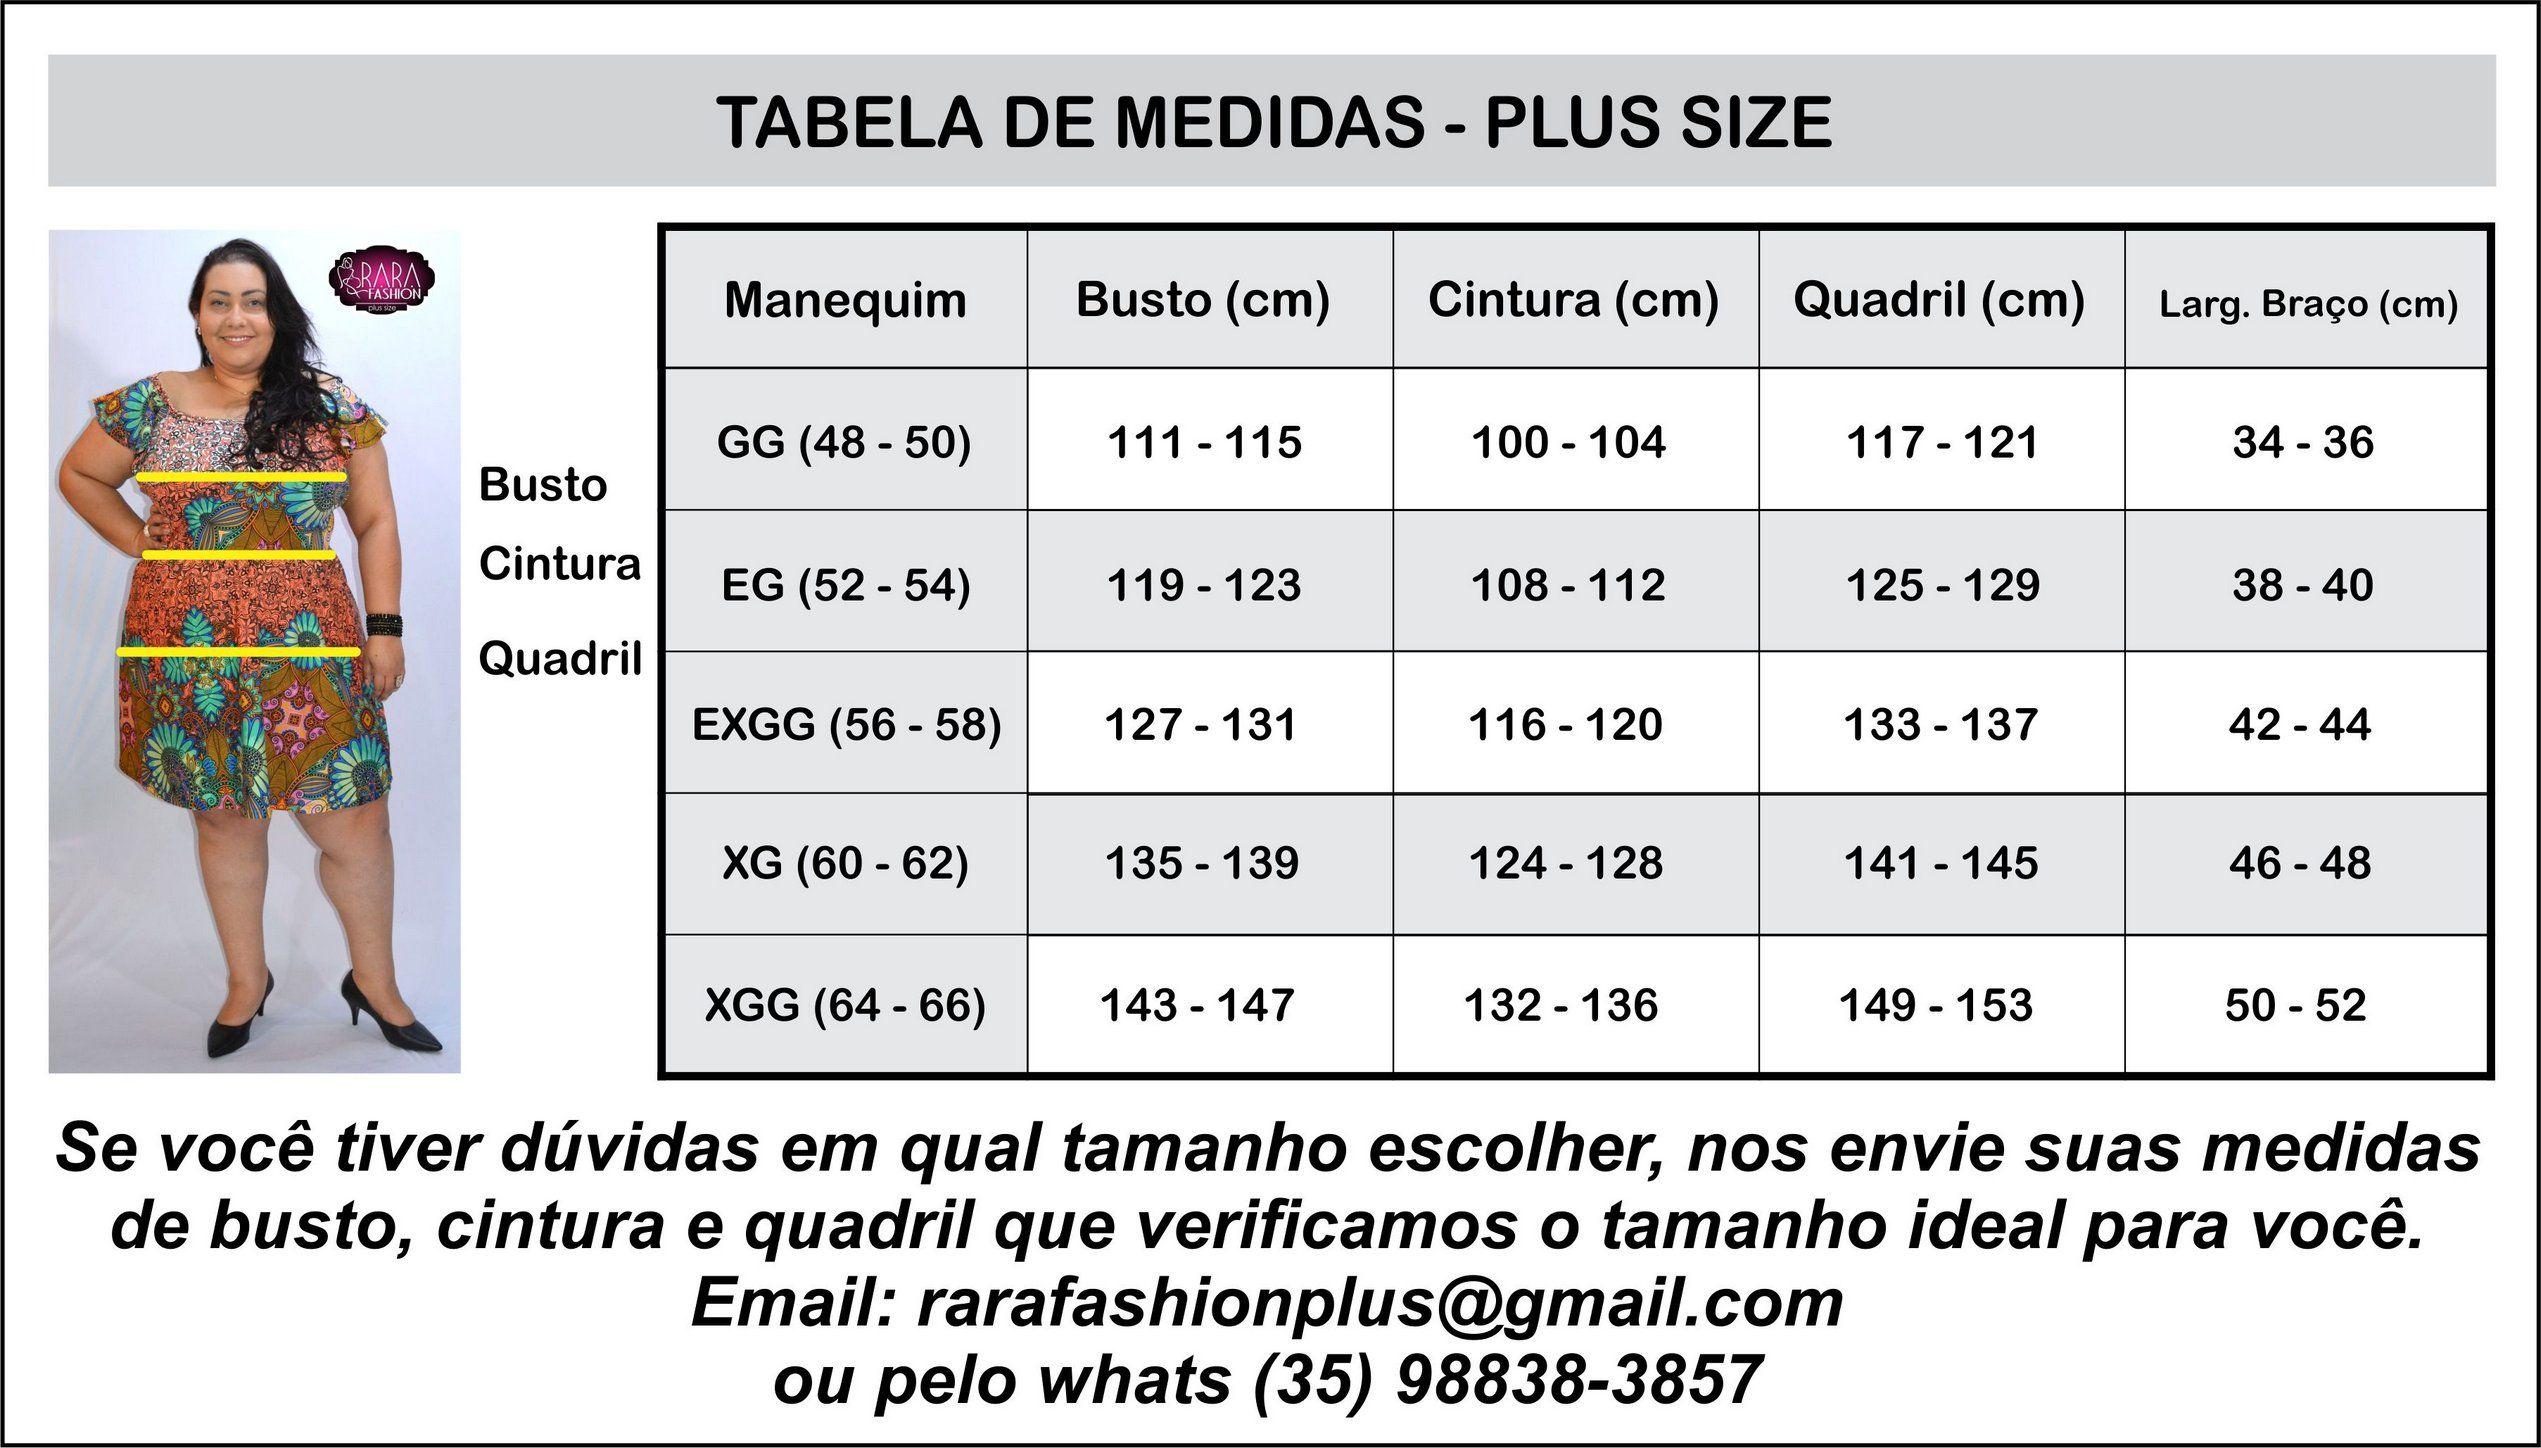 Tabela de Medidas Moda Feminina Plus Size do tamanho 44 ao